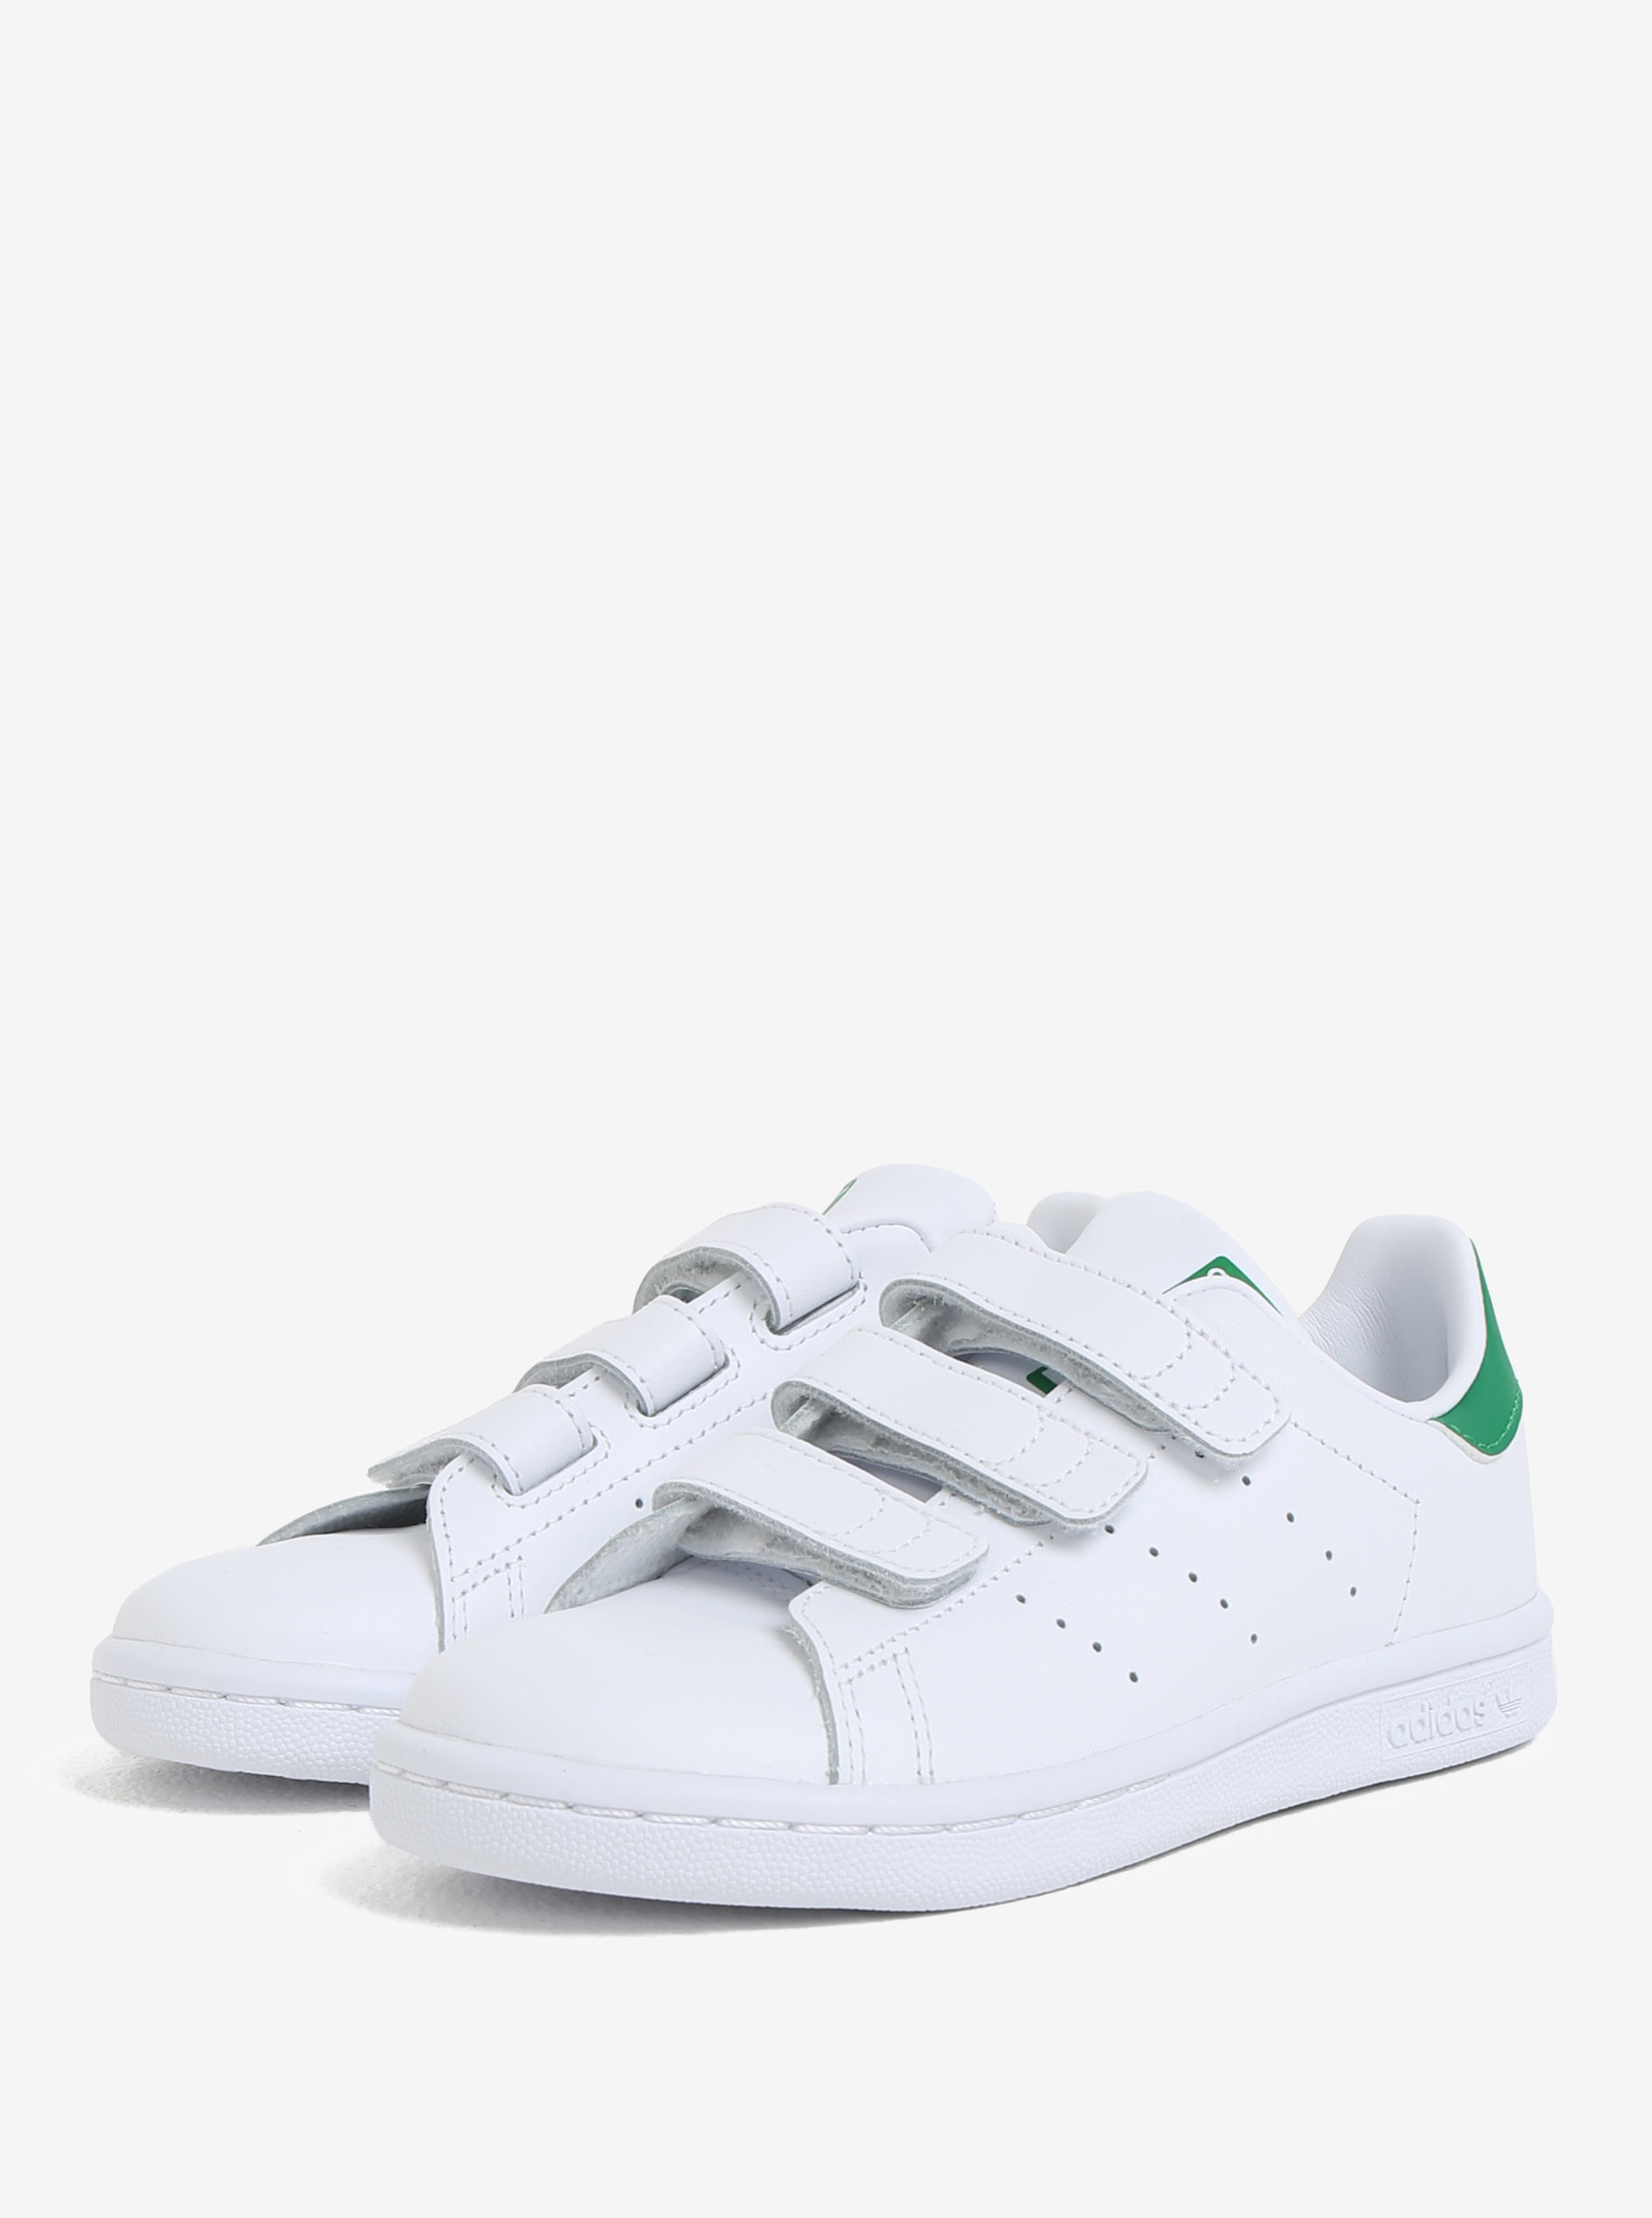 Bílé dětské kožené tenisky na suchý zip adidas Originals Stan Smith Cf C ... 1a0e01fdfd